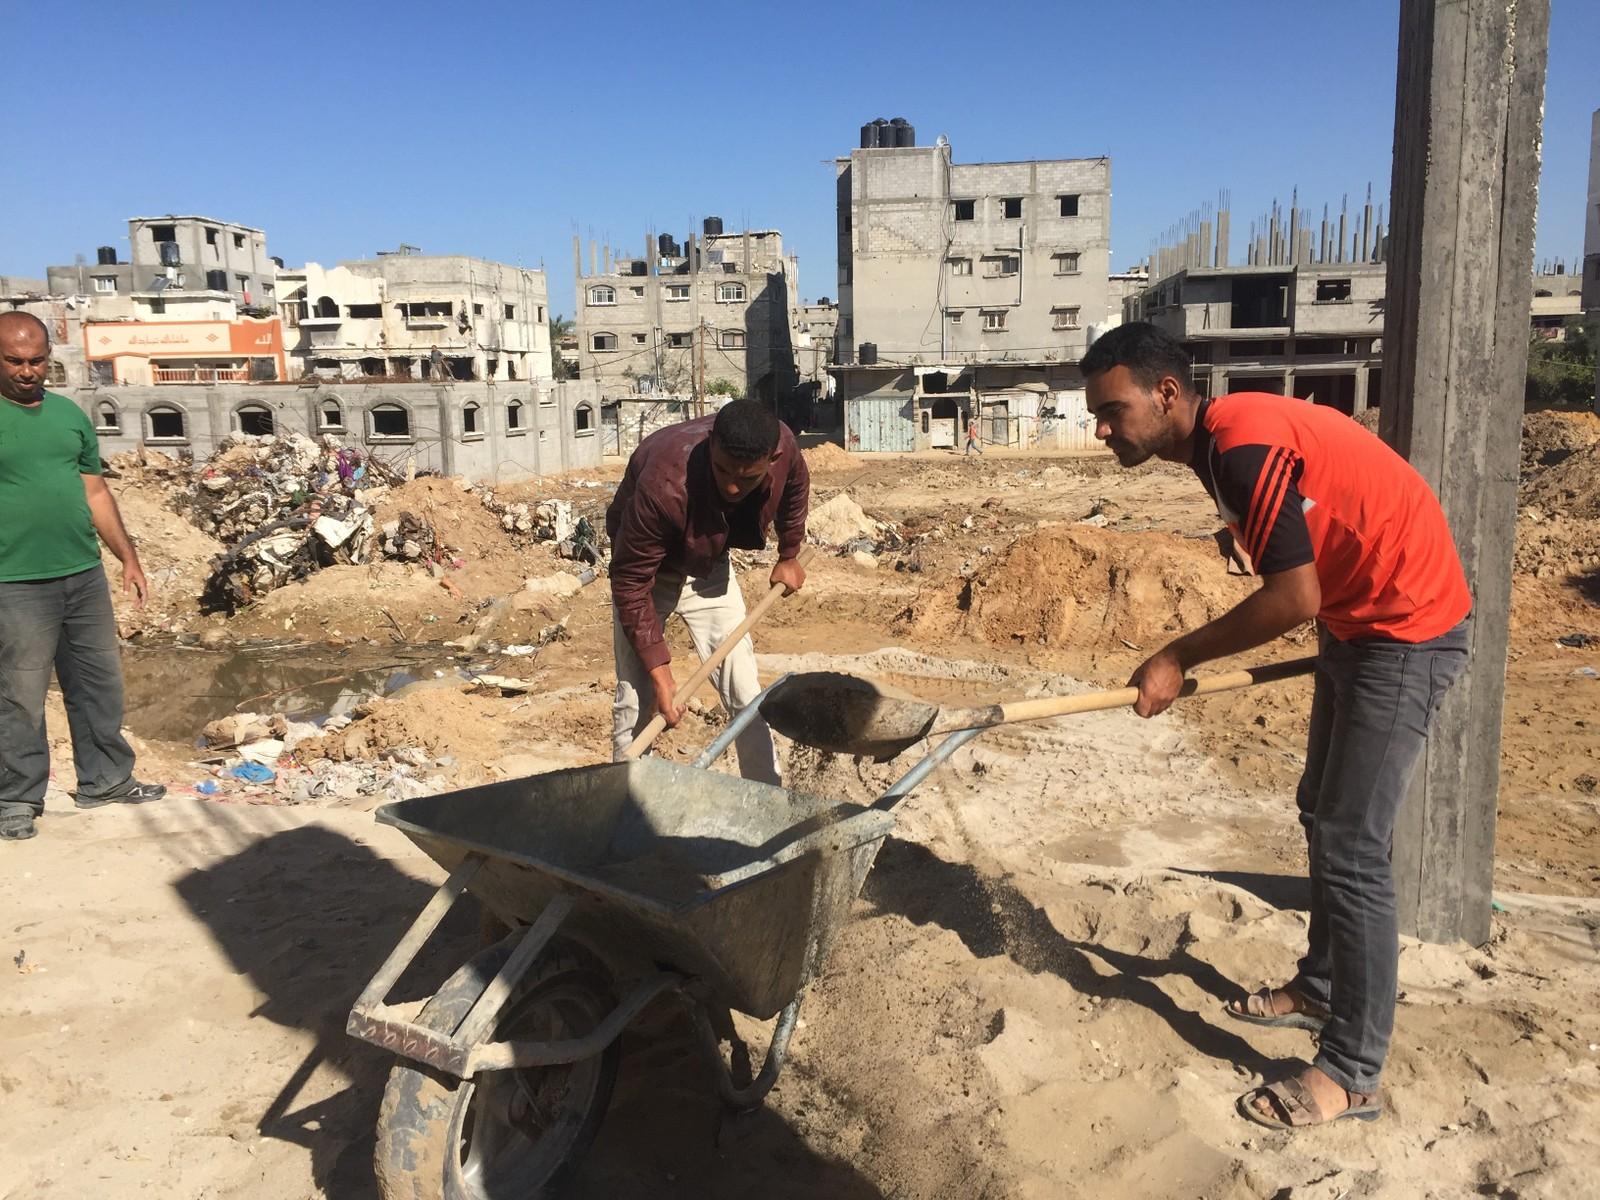 Tilgangen på byggemateriale er varierende, men nå har Ahmed Thatha tilgang på sement og kan fortsette å bygge opp huset.